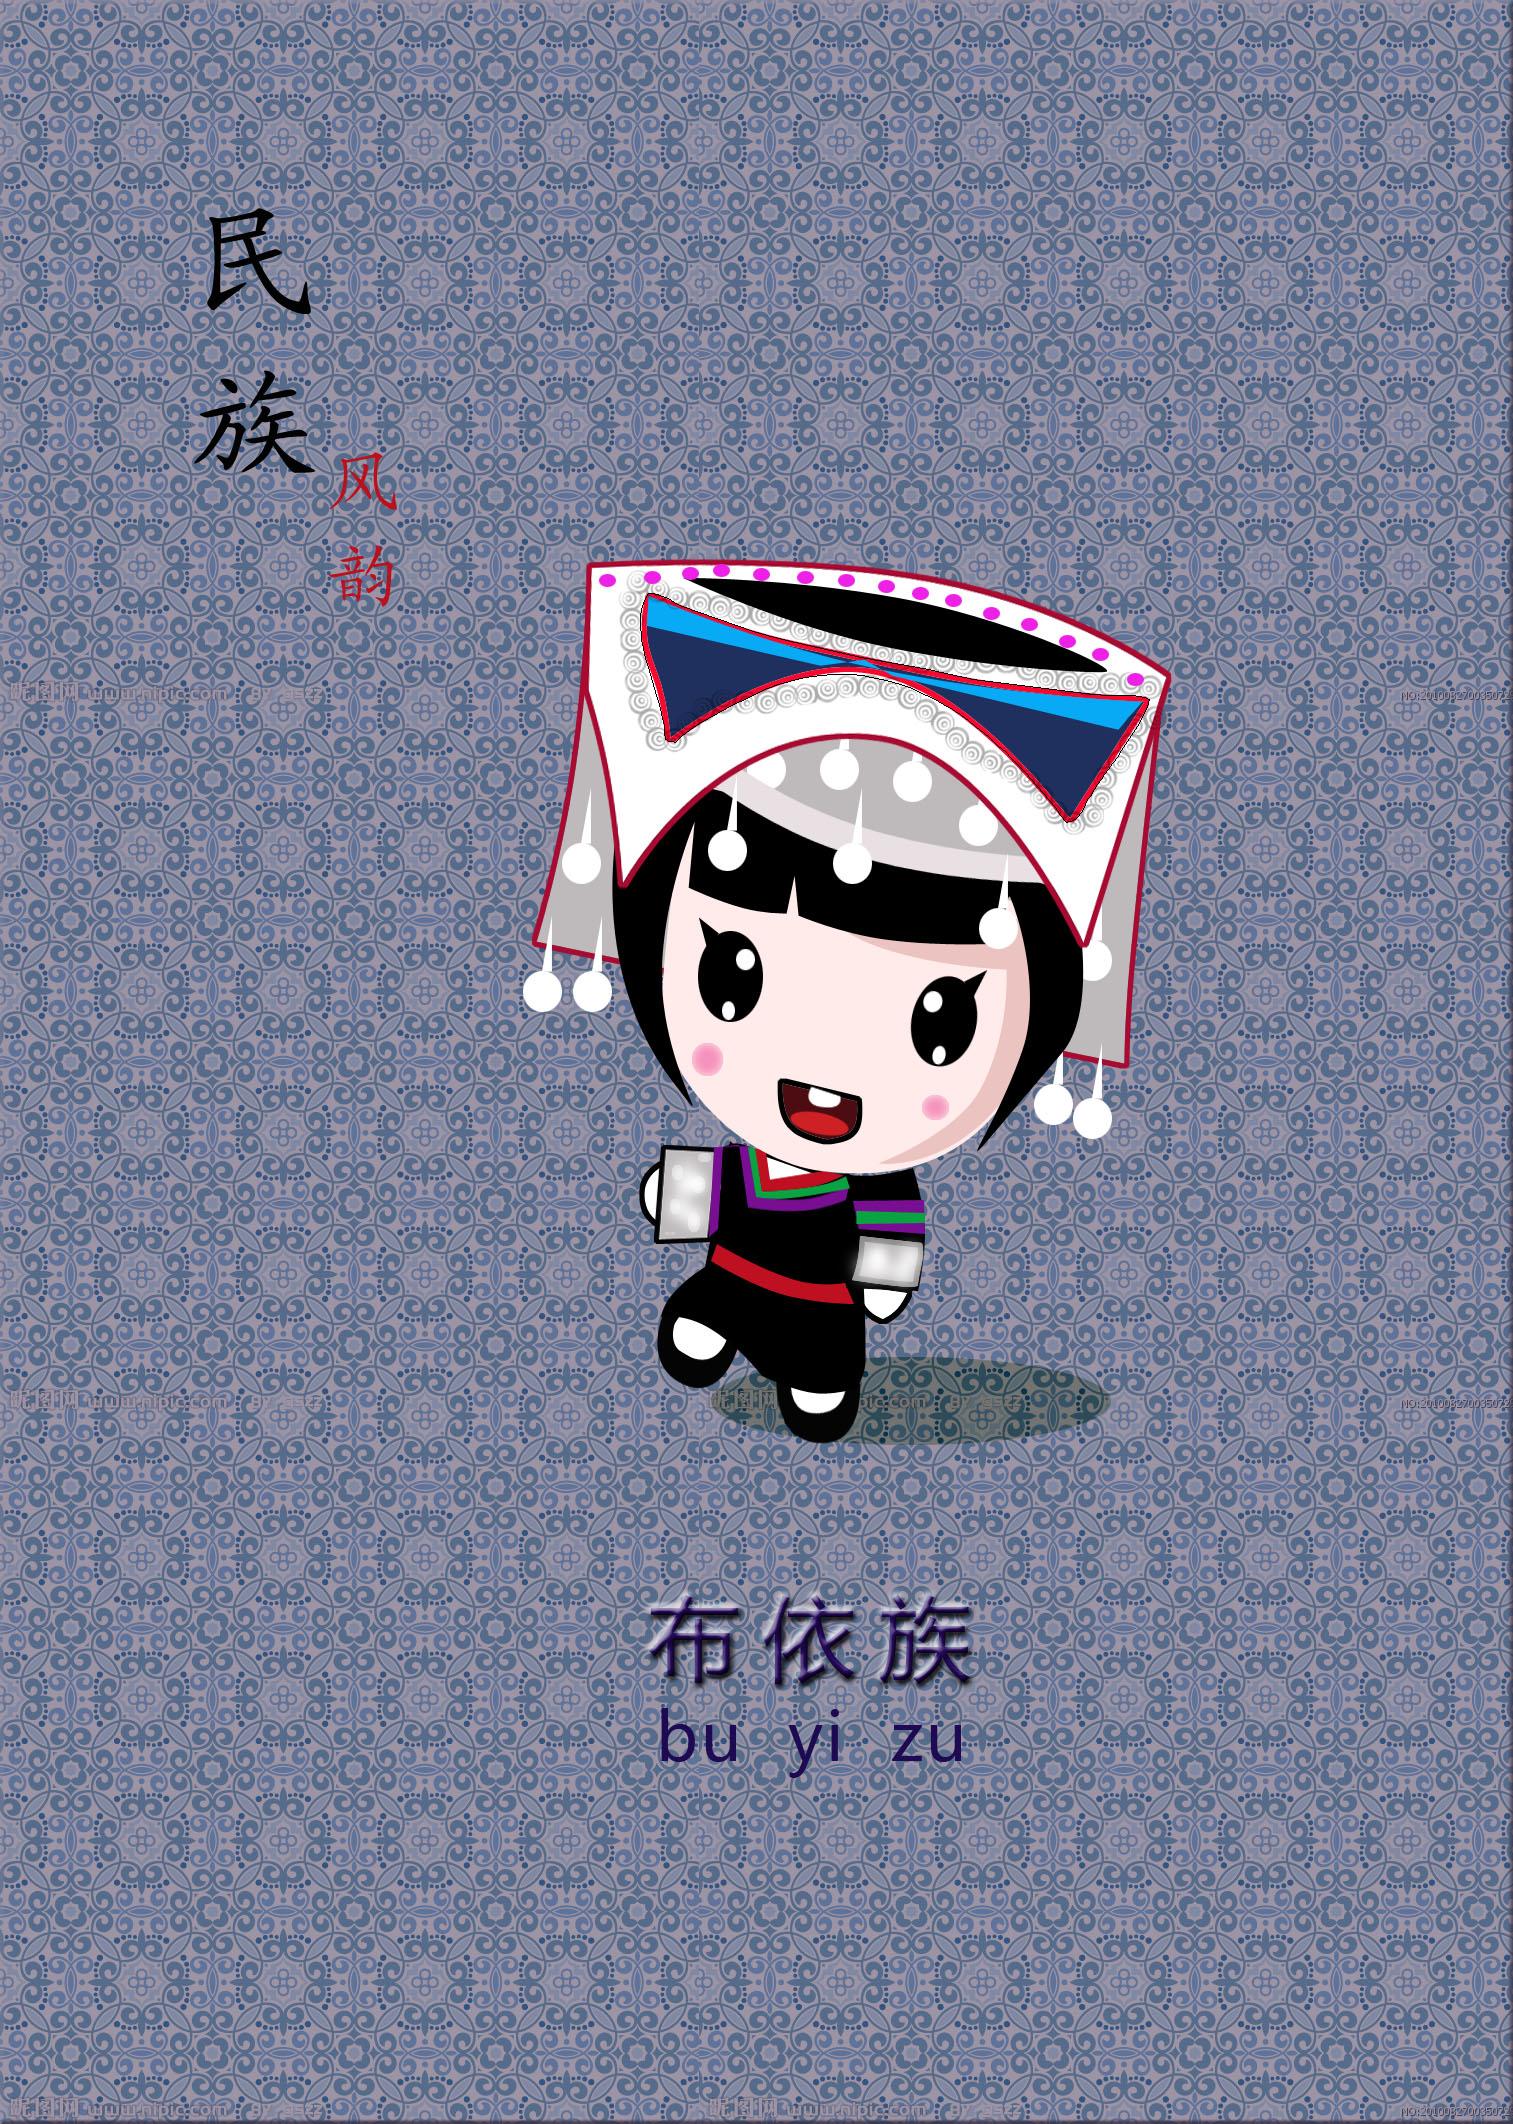 芭比娃娃图片大全名族娃娃,该设计应用于名族纪念品上面,更加体现民族